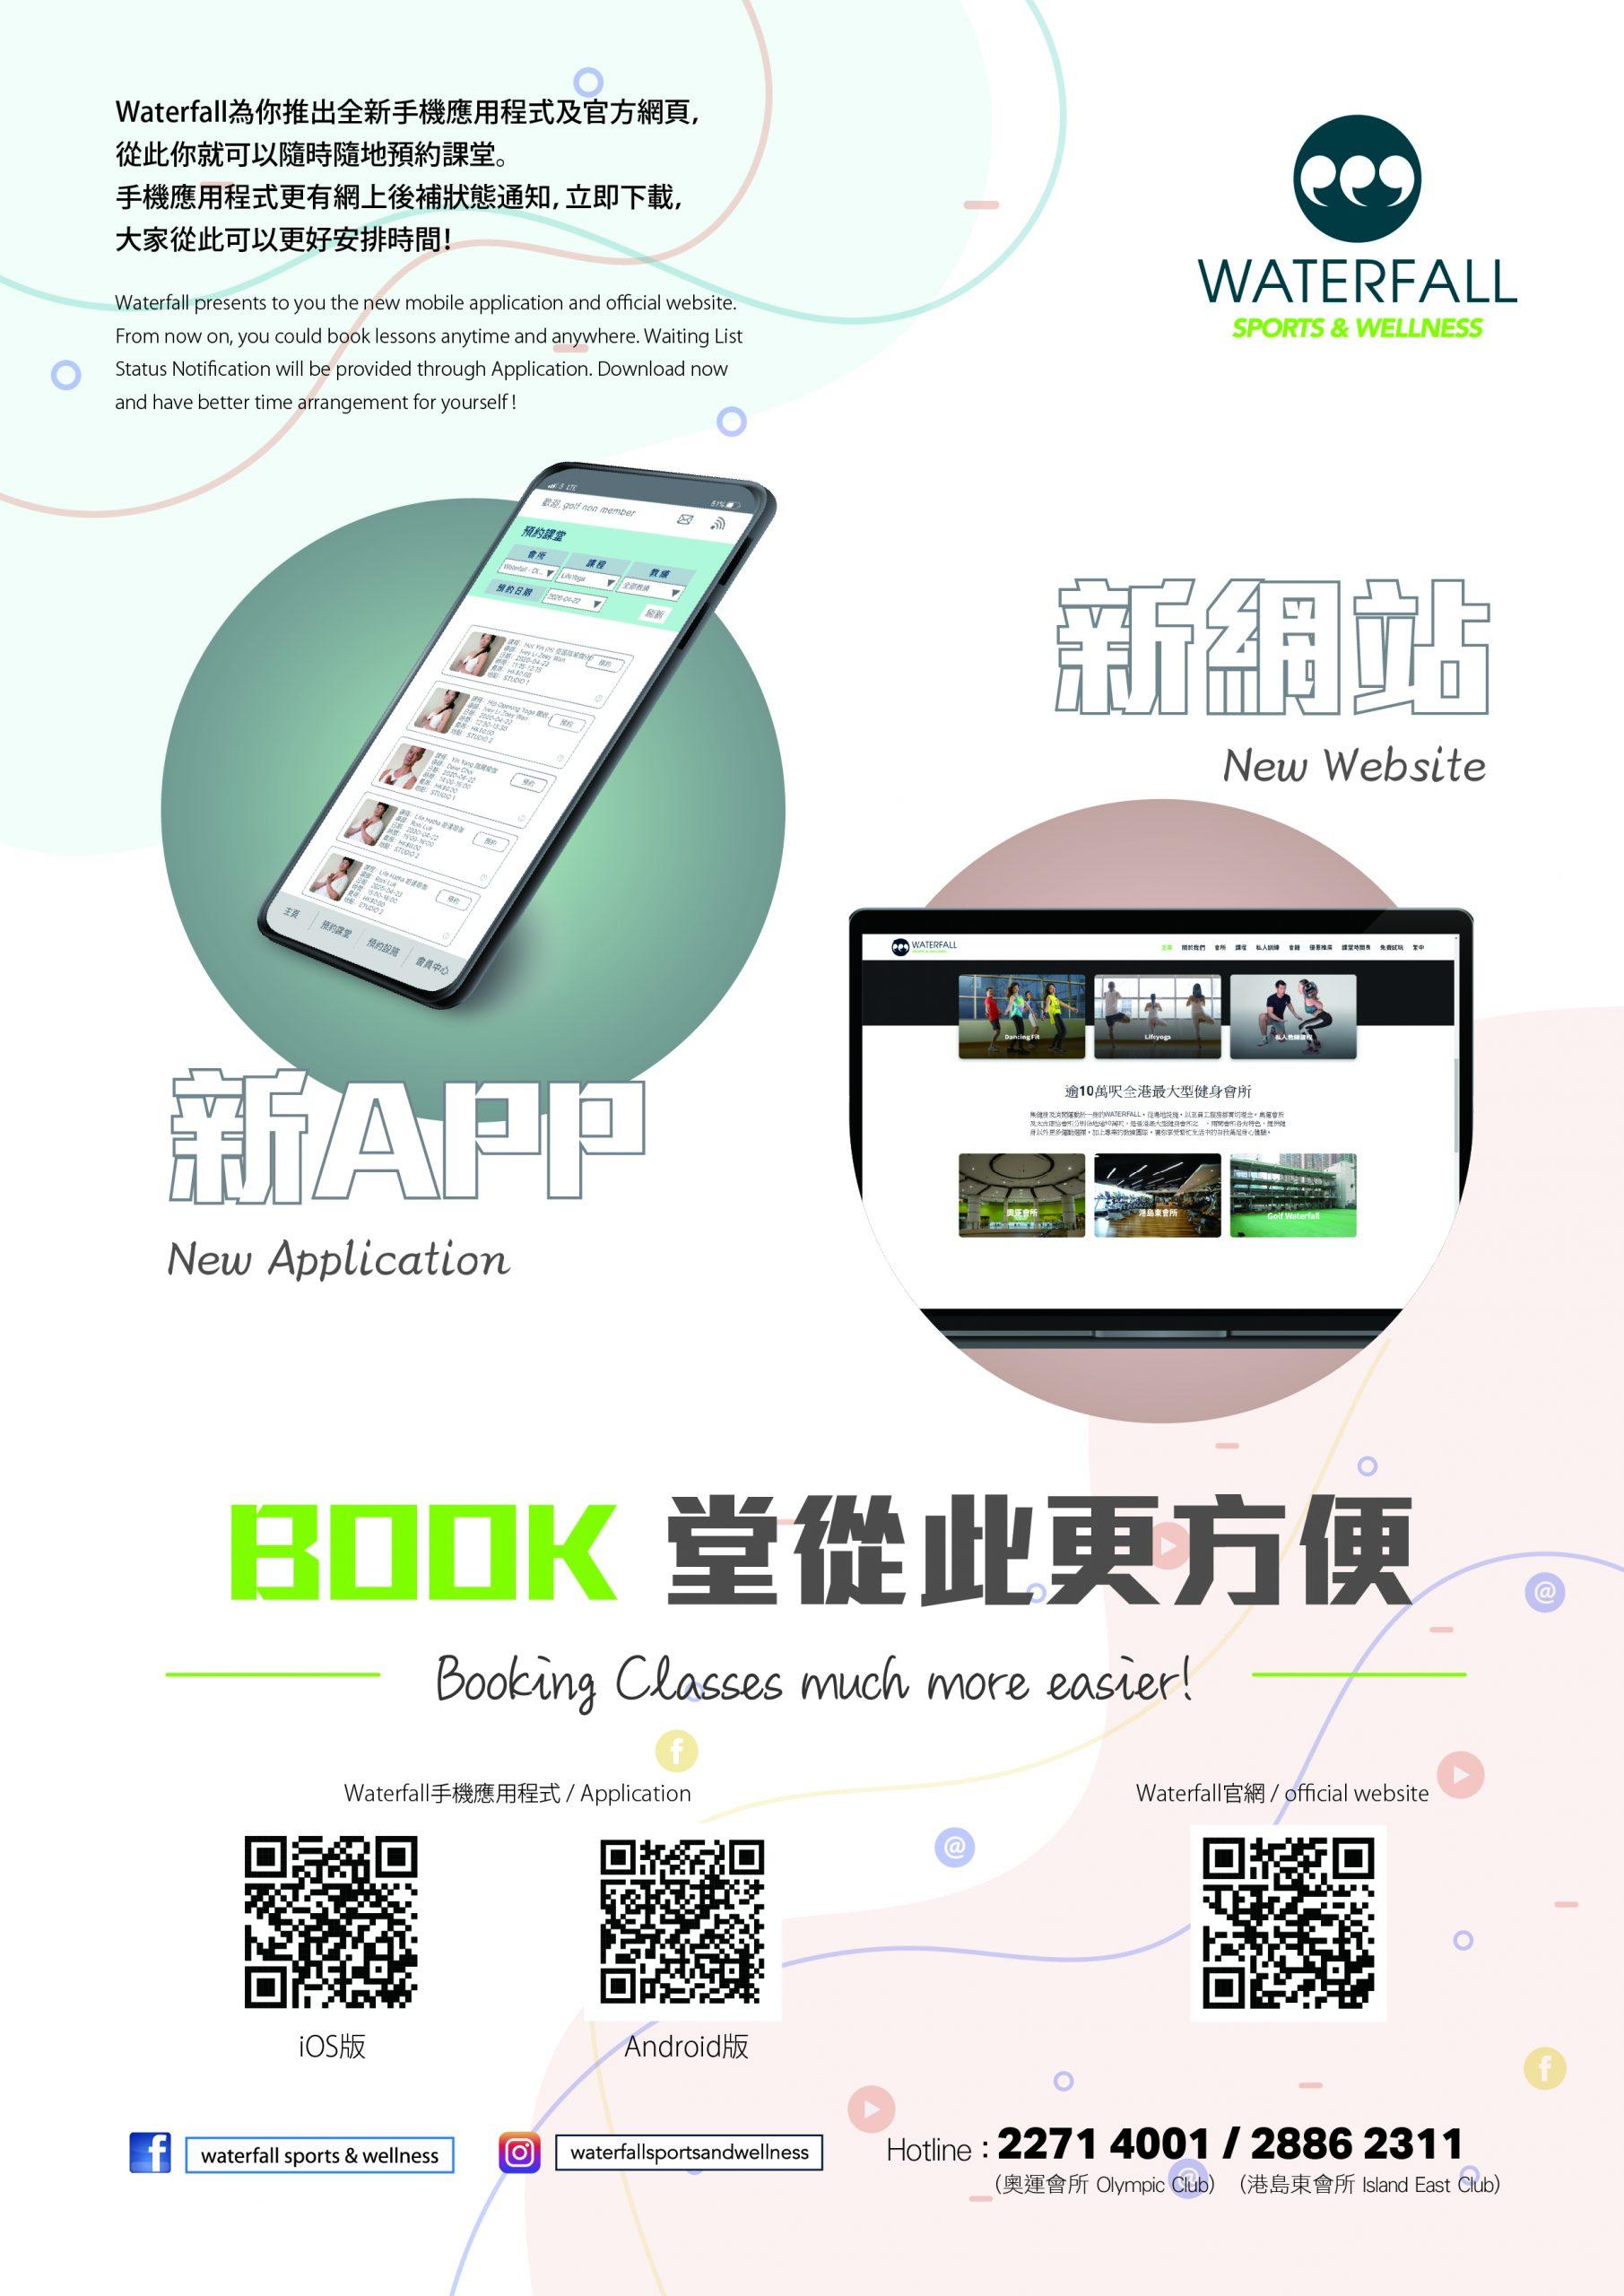 網站 手機APP BOOK堂從此更方便